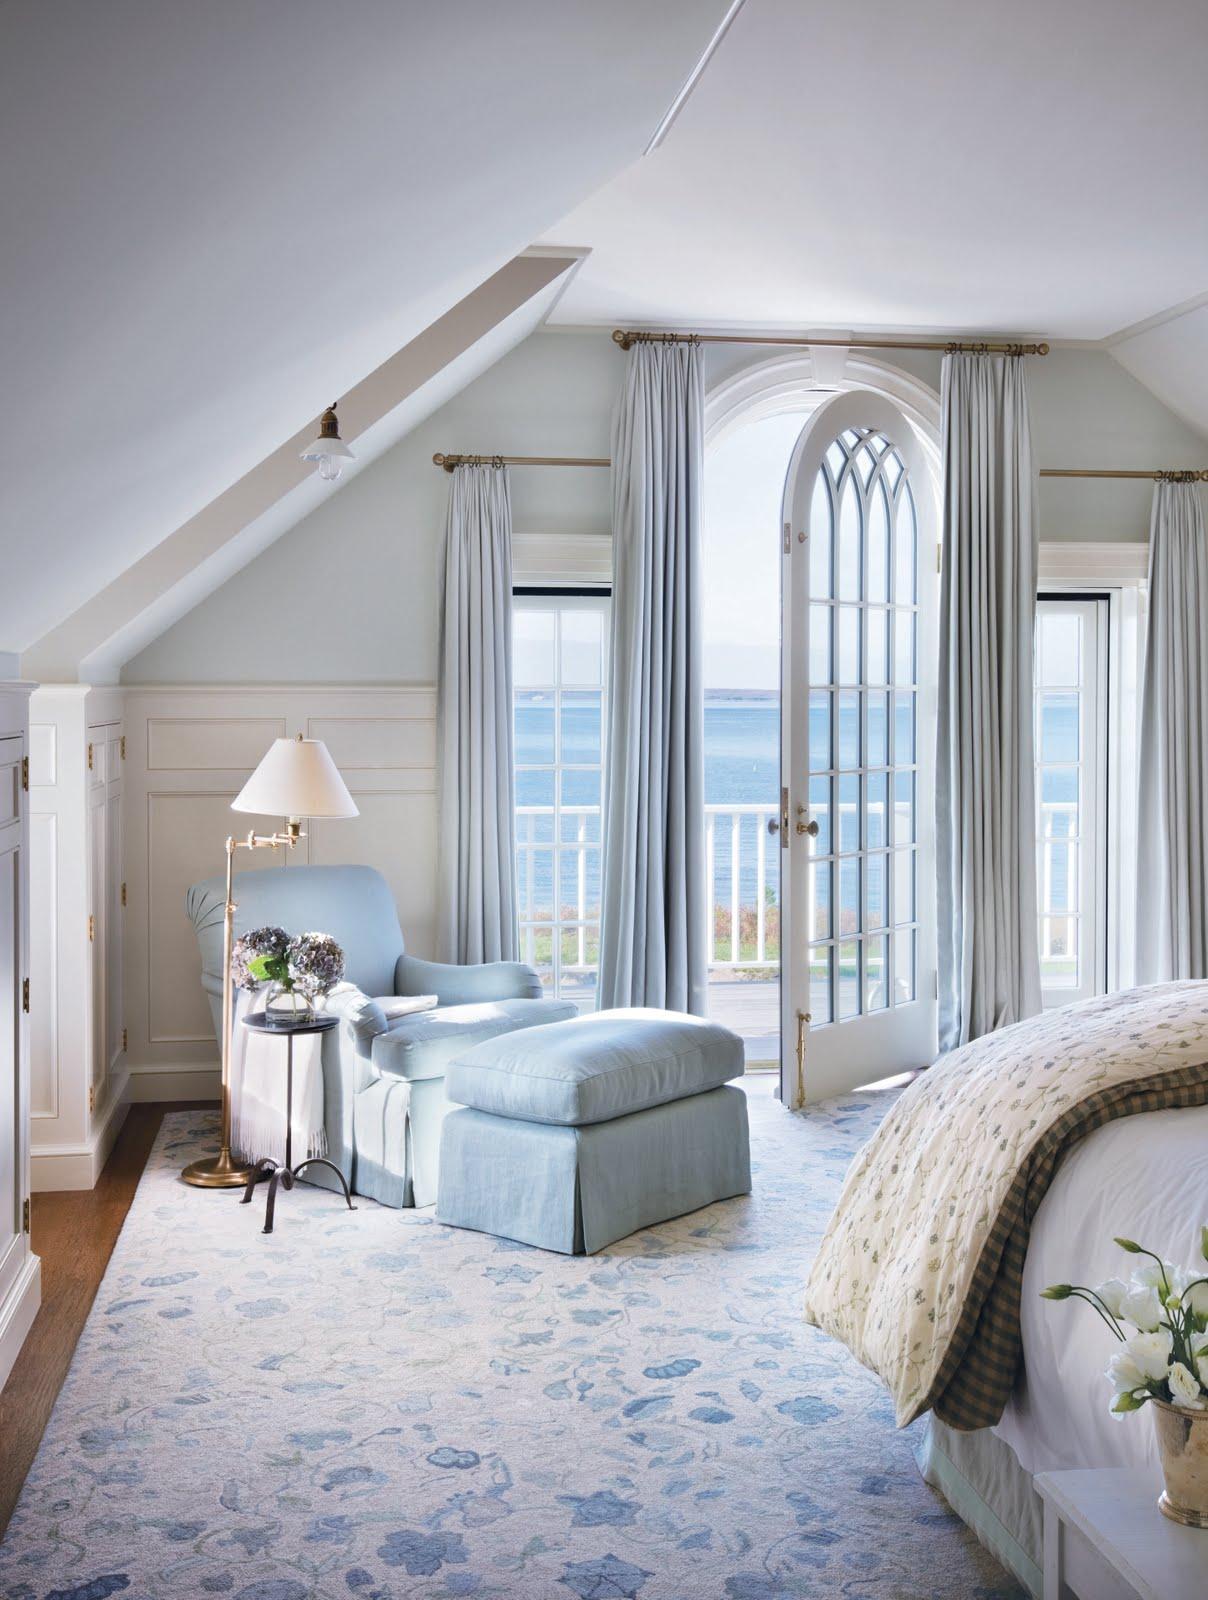 Image Result For Elegant Master Bedroom